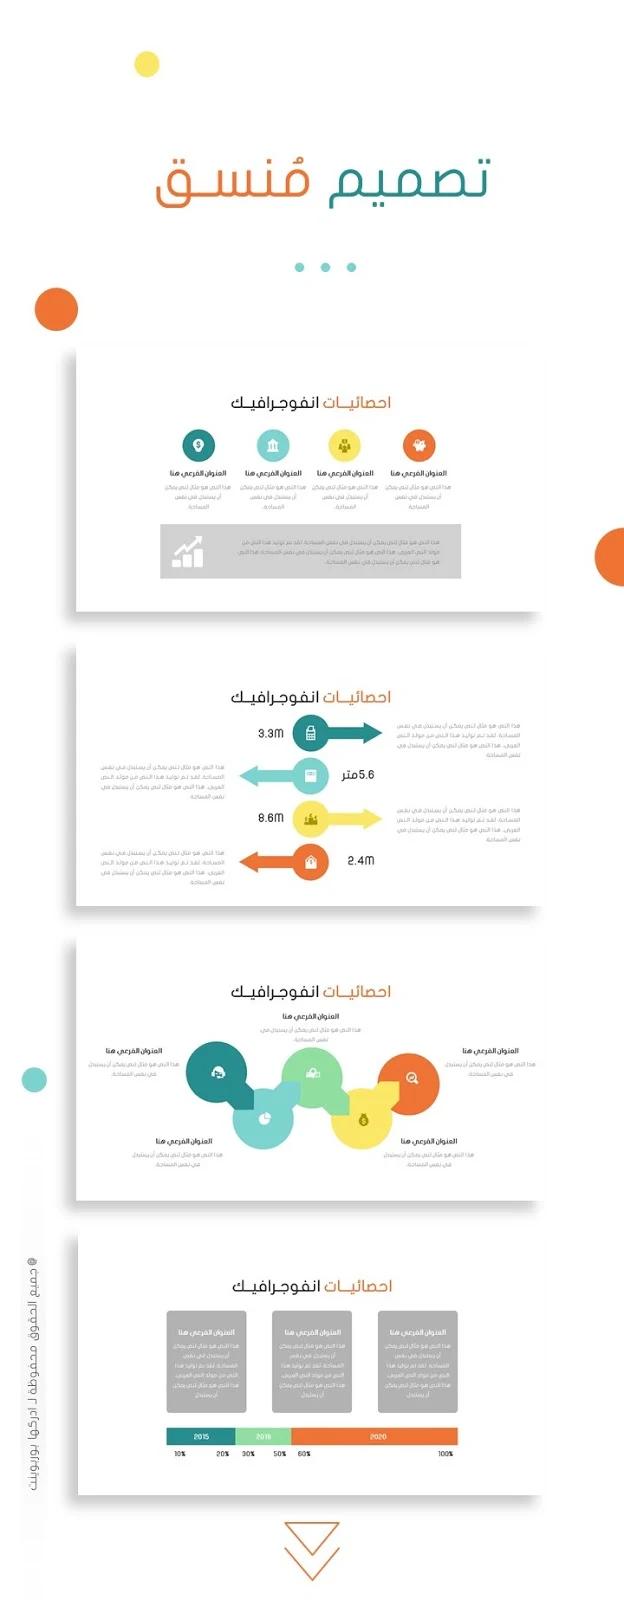 احصائيات شرائح بوربوينت عربية لتمثيل البيانات الإحصائية ادركها بوربوينت Simple Powerpoint Templates Cv Template Word Free Infographic